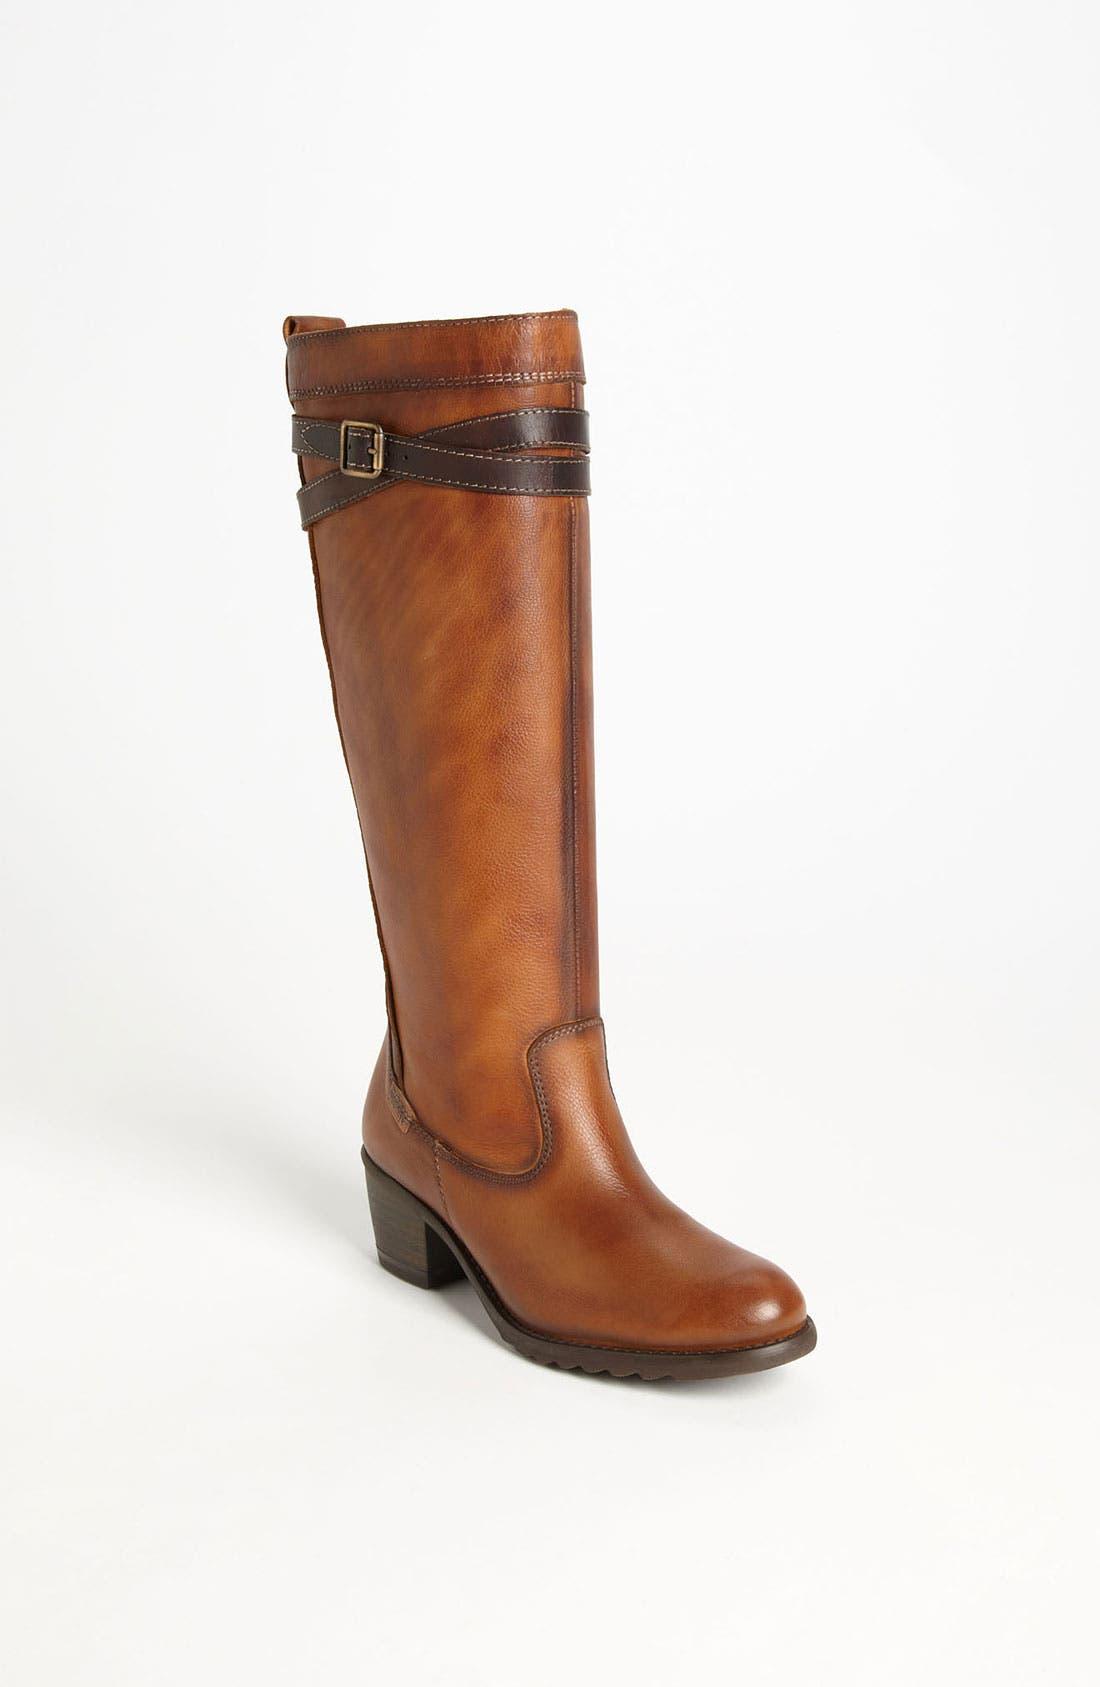 Main Image - PIKOLINOS 'Andorra' Tall Boot